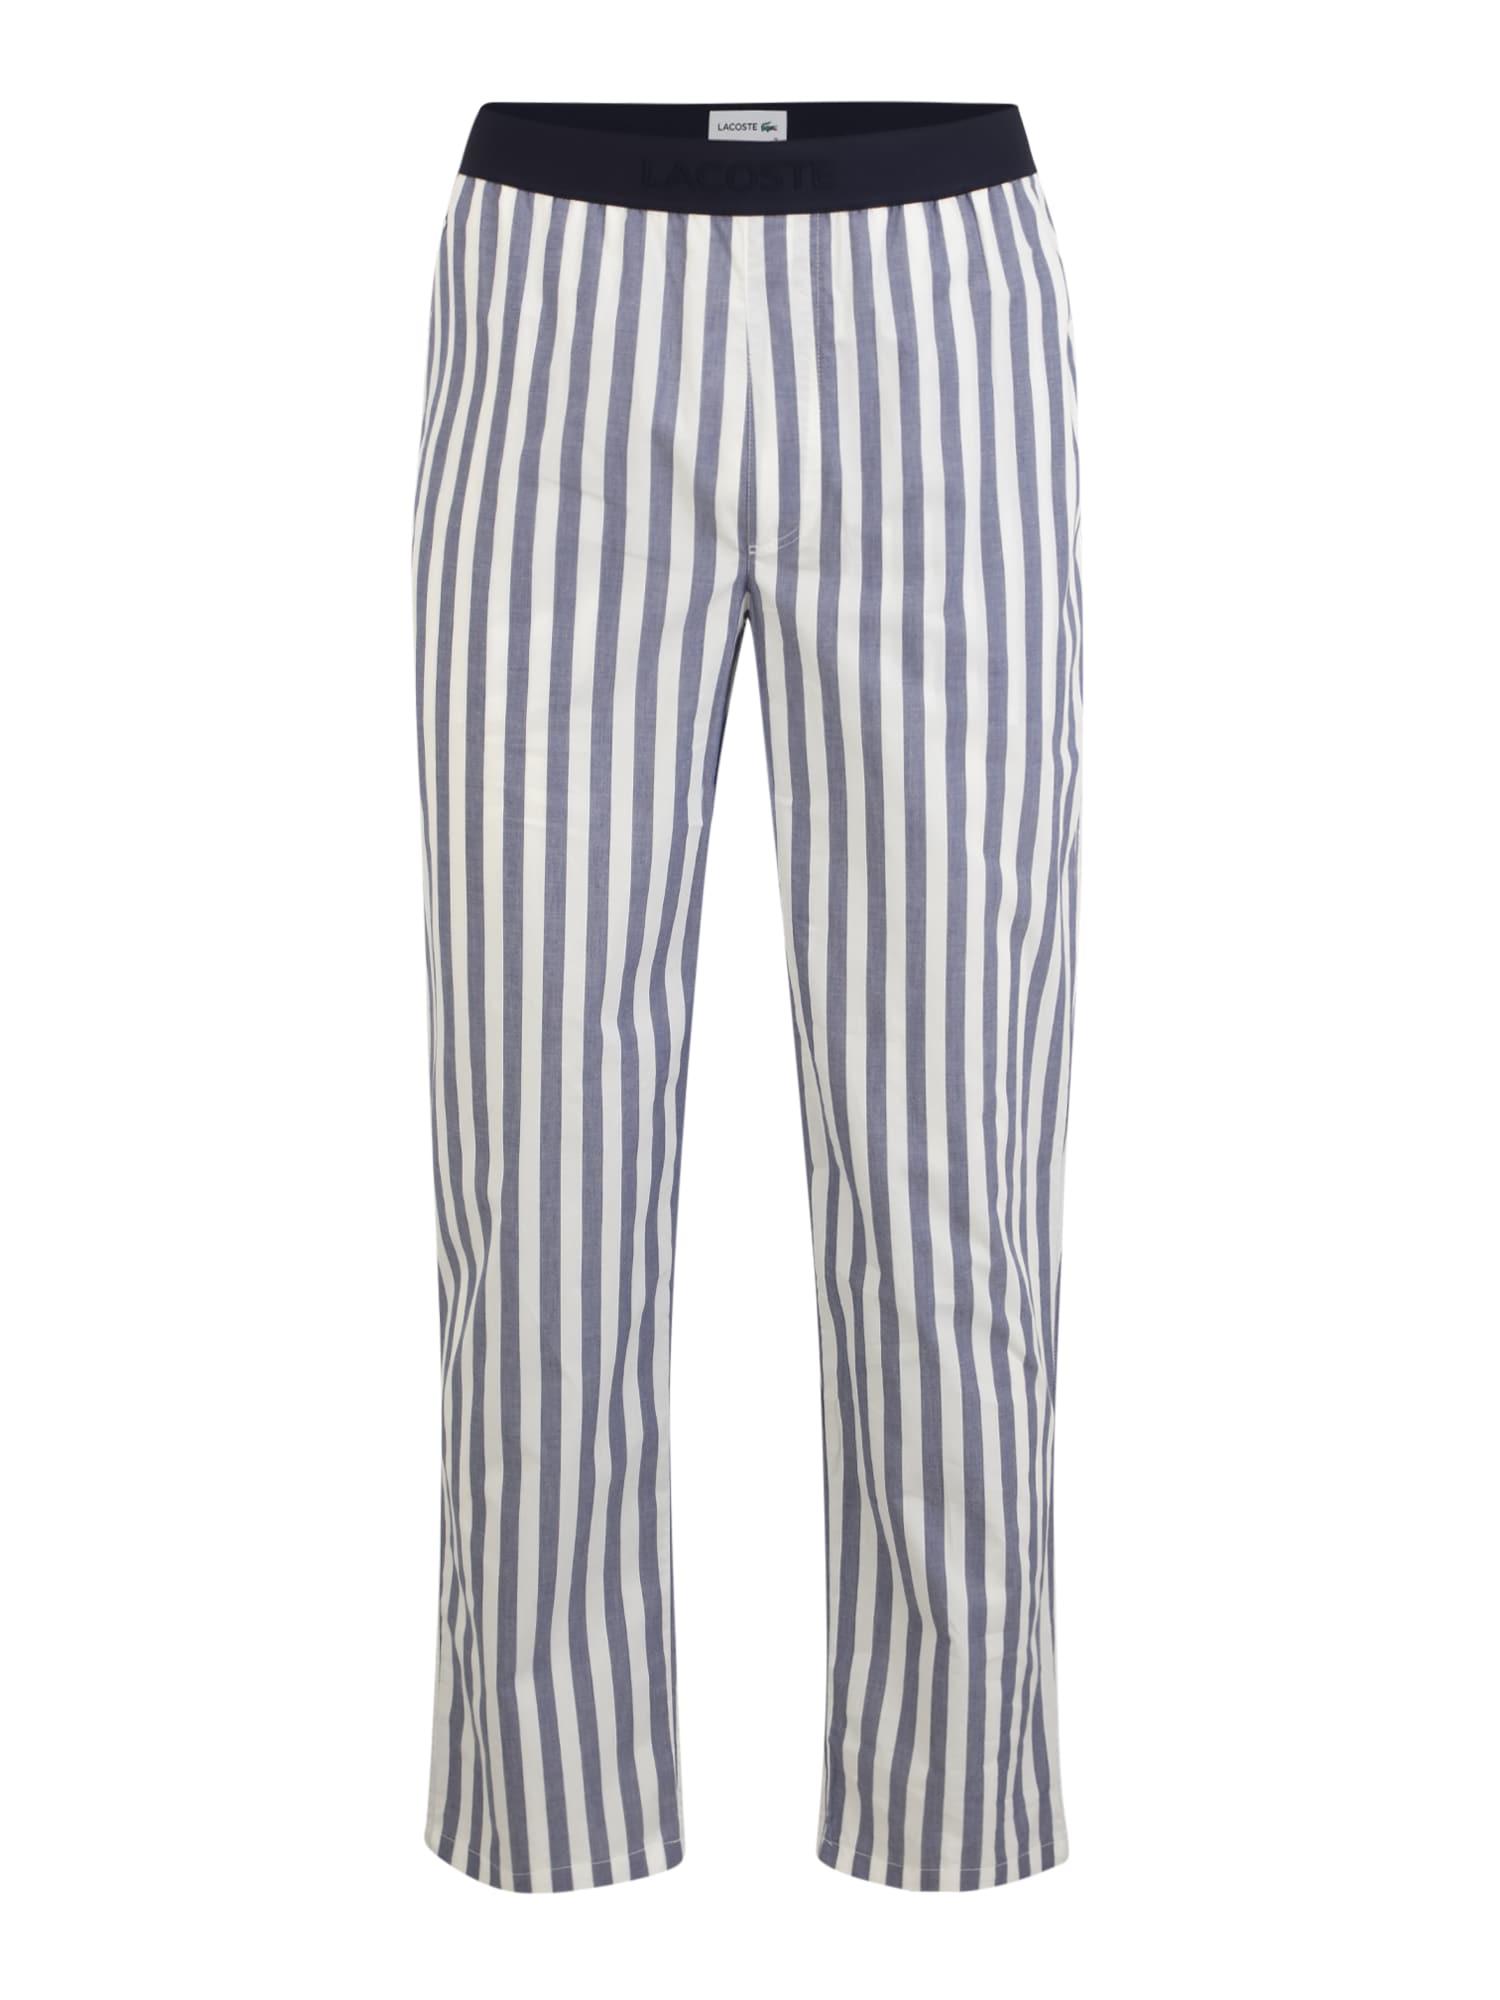 LACOSTE Pižaminės kelnės balta / mėlyna / tamsiai mėlyna jūros spalva